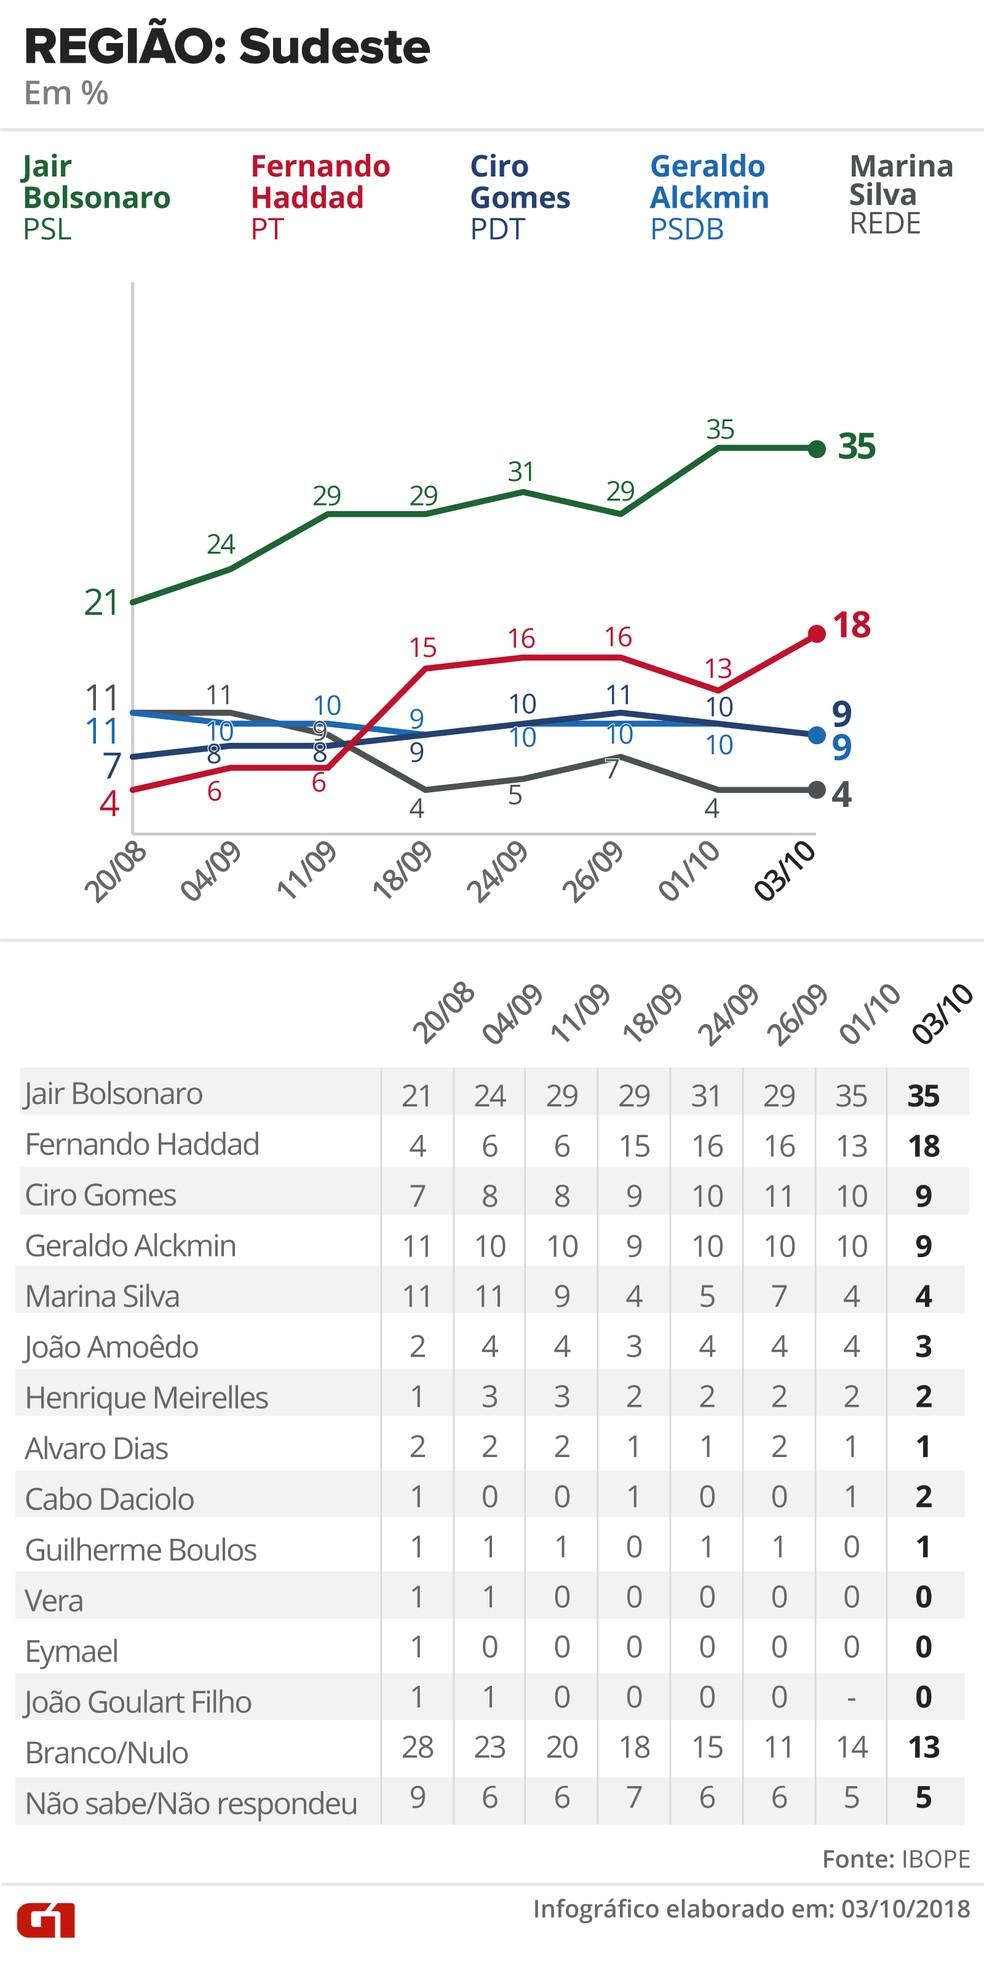 Pesquisa Ibope - 3 de outubro de 2018 - intenção de voto entre eleitores do Sudeste — Foto: Arte/G1